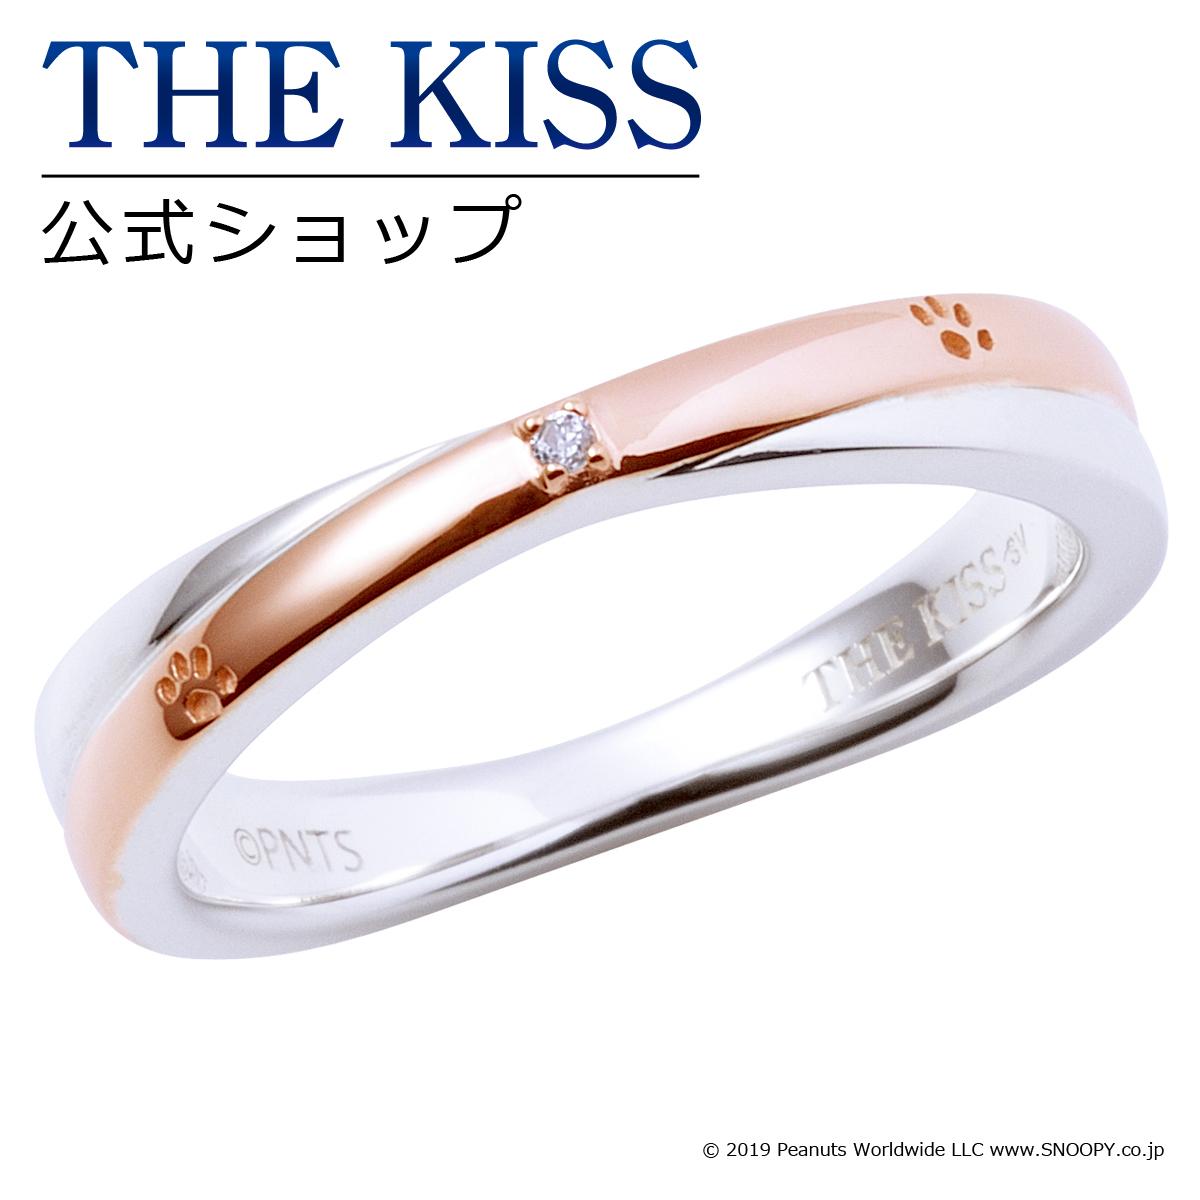 【あす楽対応】【PEANUTS×THE KISSコラボ】PEANUTS スヌーピー / THE KISS 公式サイト シルバー ペアリング ( レディース 単品 ) ペアアクセサリー カップル に 人気 の ジュエリーブランド THEKISS ペア リング・指輪 プレゼント PN-SR508DM ザキス 【送料無料】